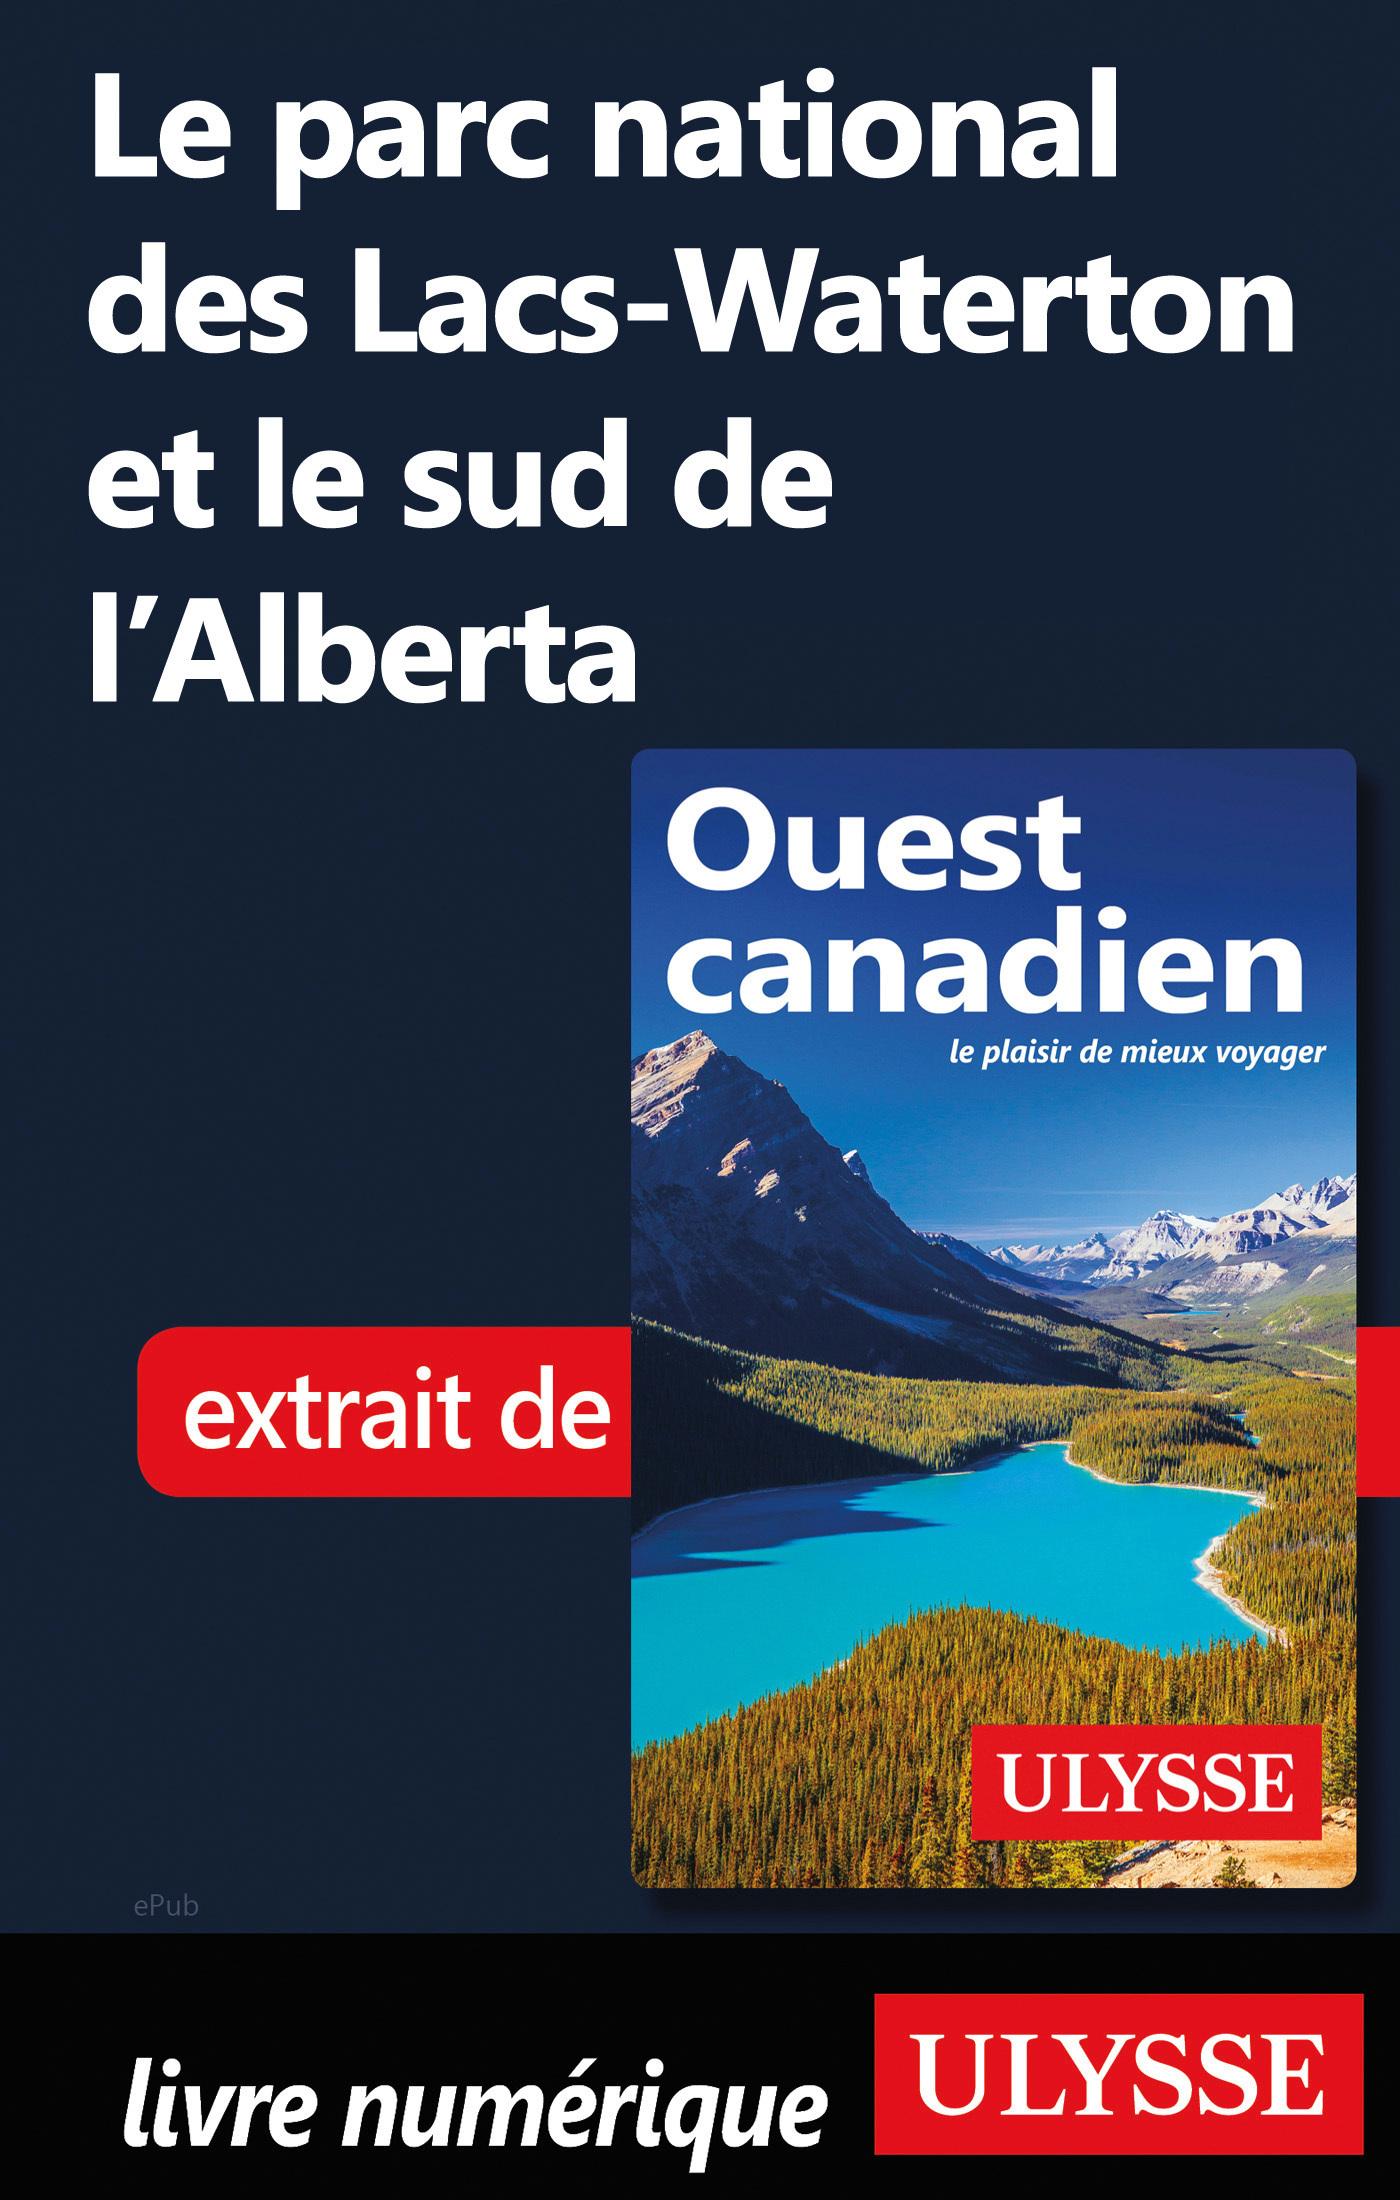 Le parc national des lacs-Waterton et le sud de l'Alberta